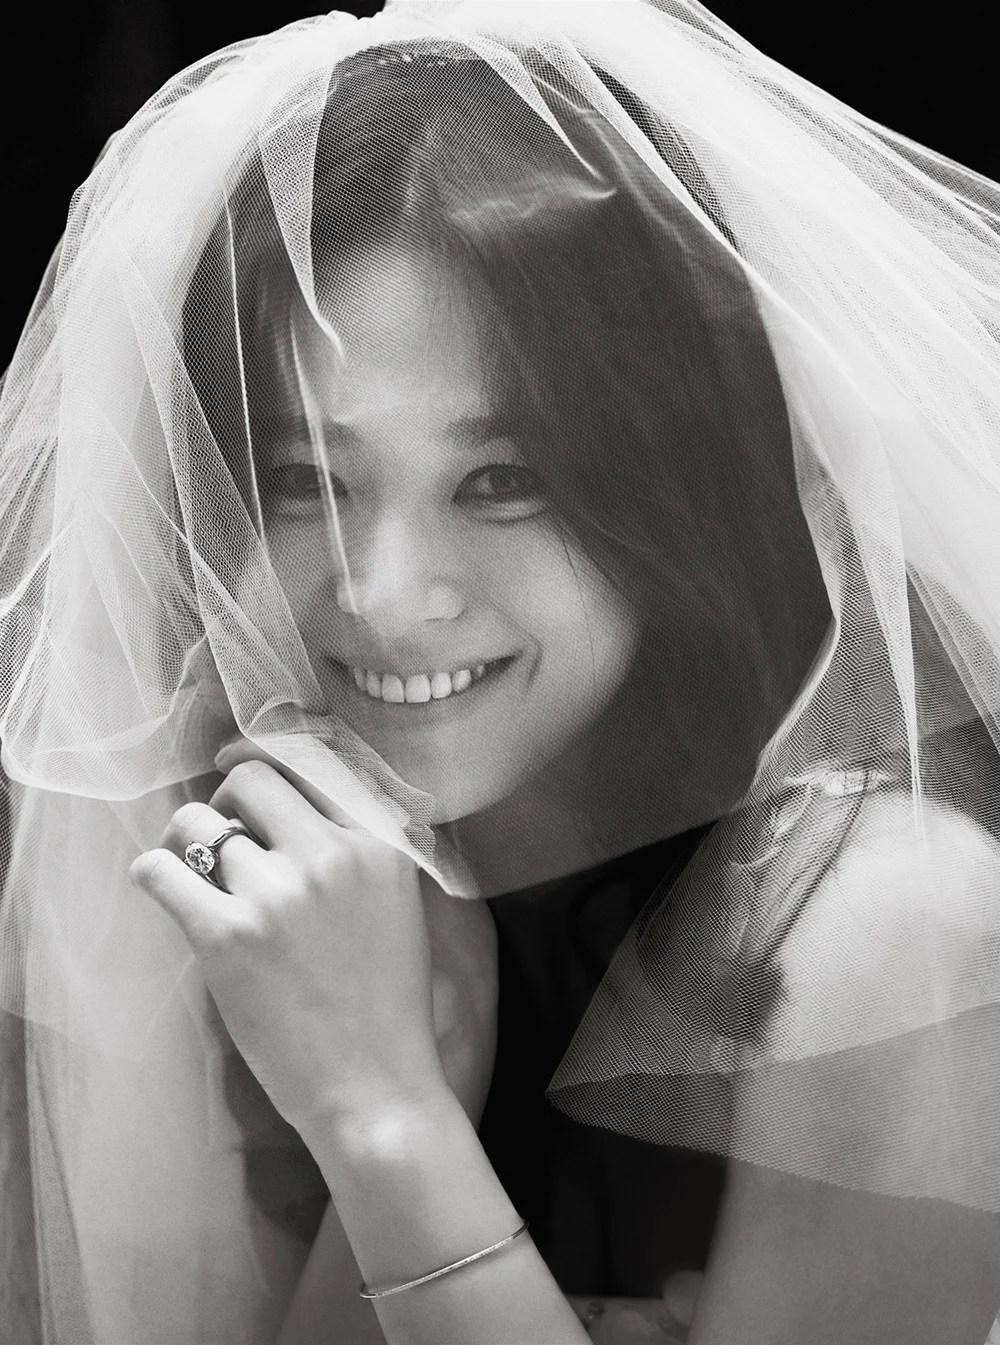 宋慧喬從《順風婦產科》到《男朋友》20年來的美貌轉變:她的美經得起考驗!   PopLady